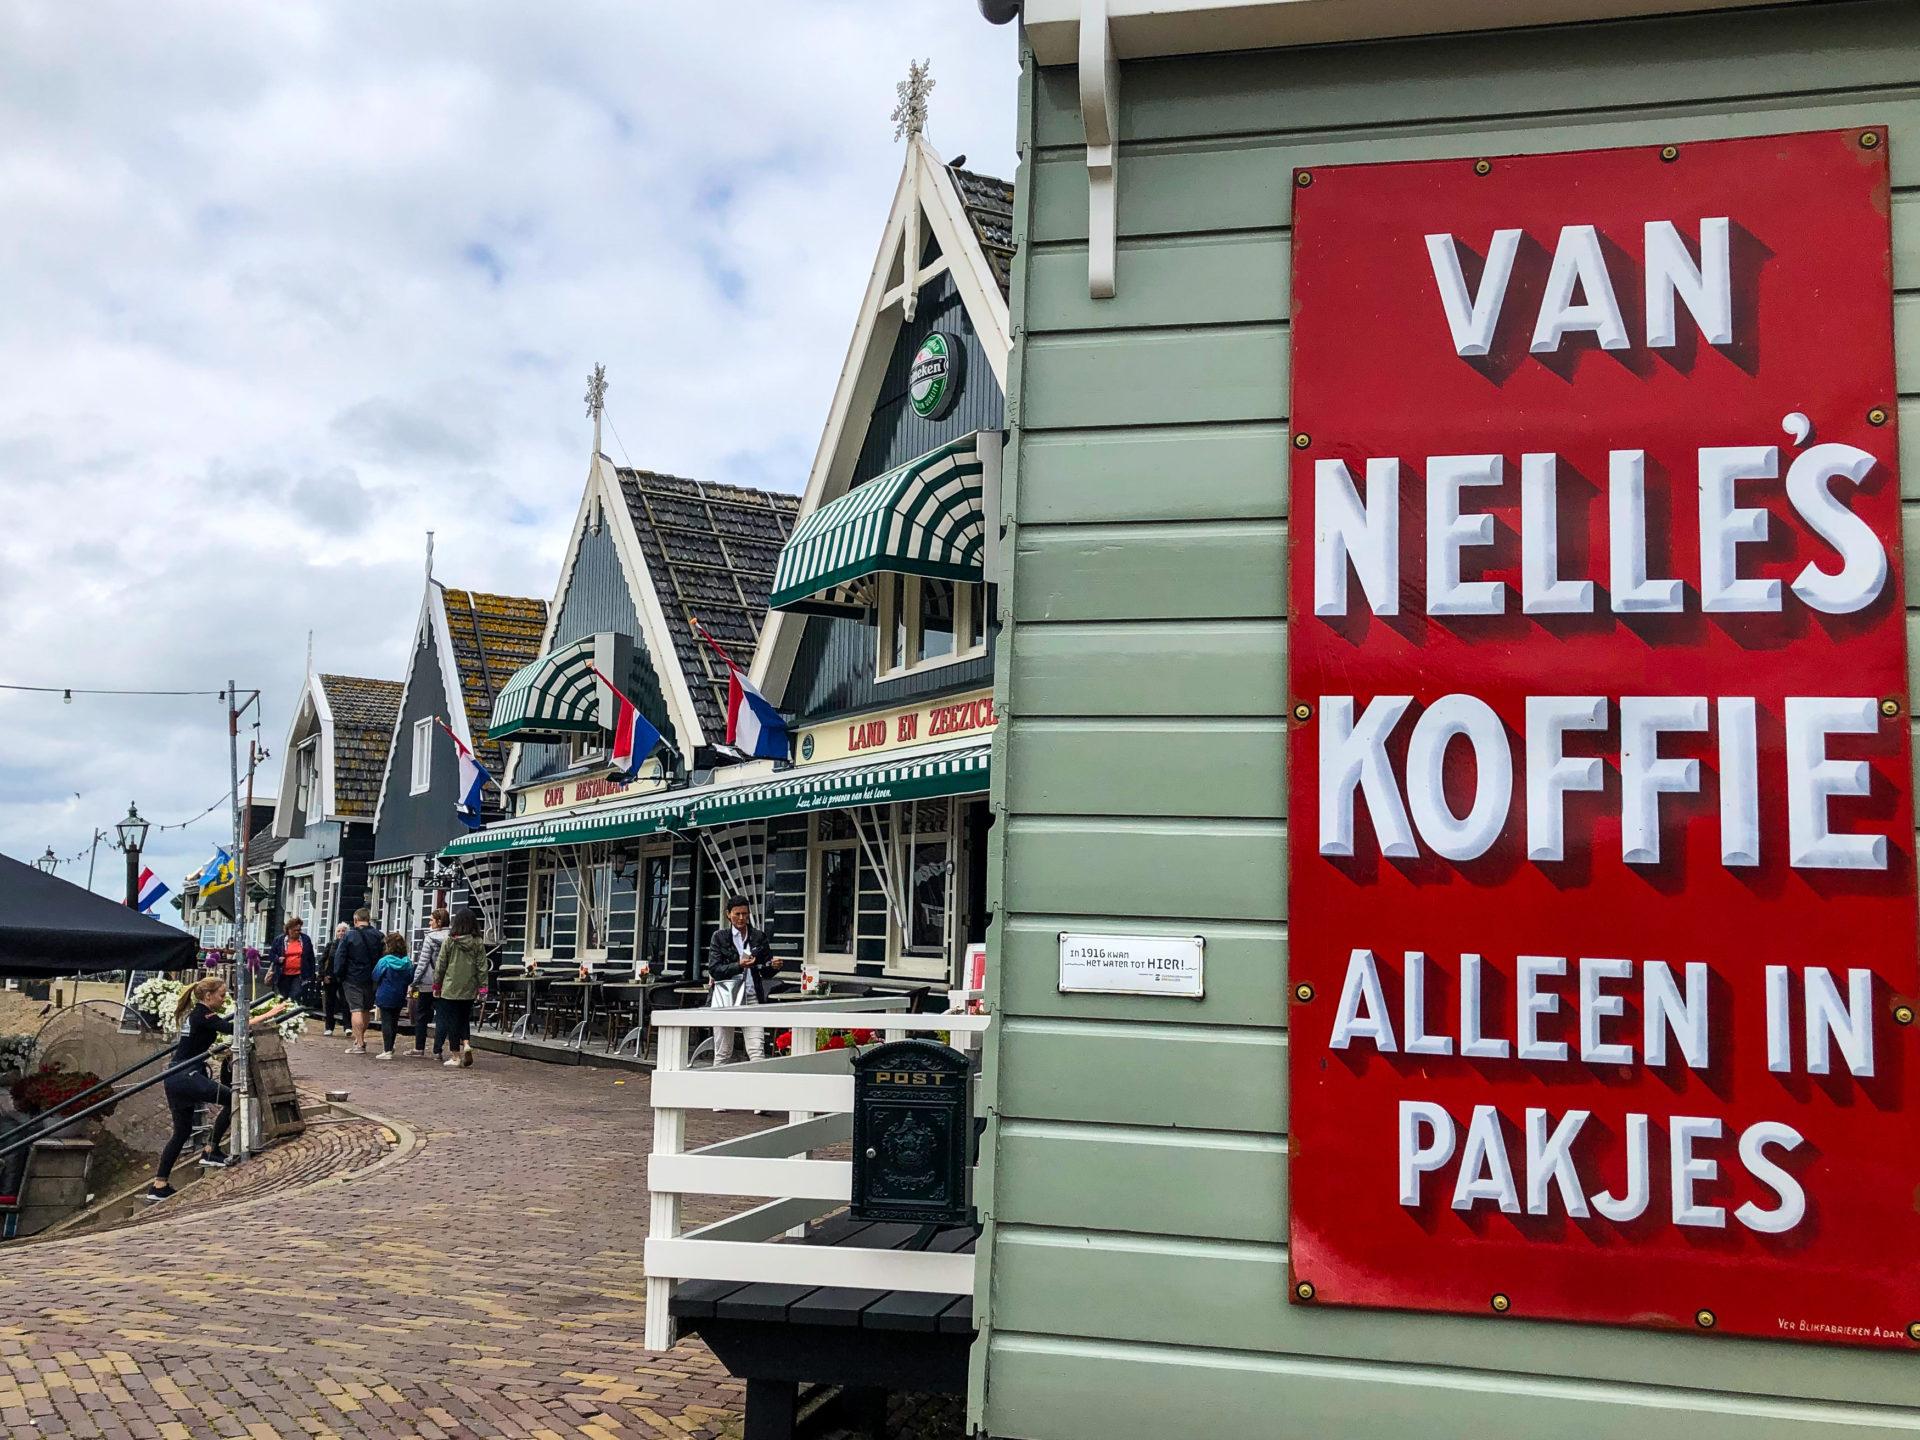 Kaffeewerbung an einem Holzhaus im Hafen von Marken